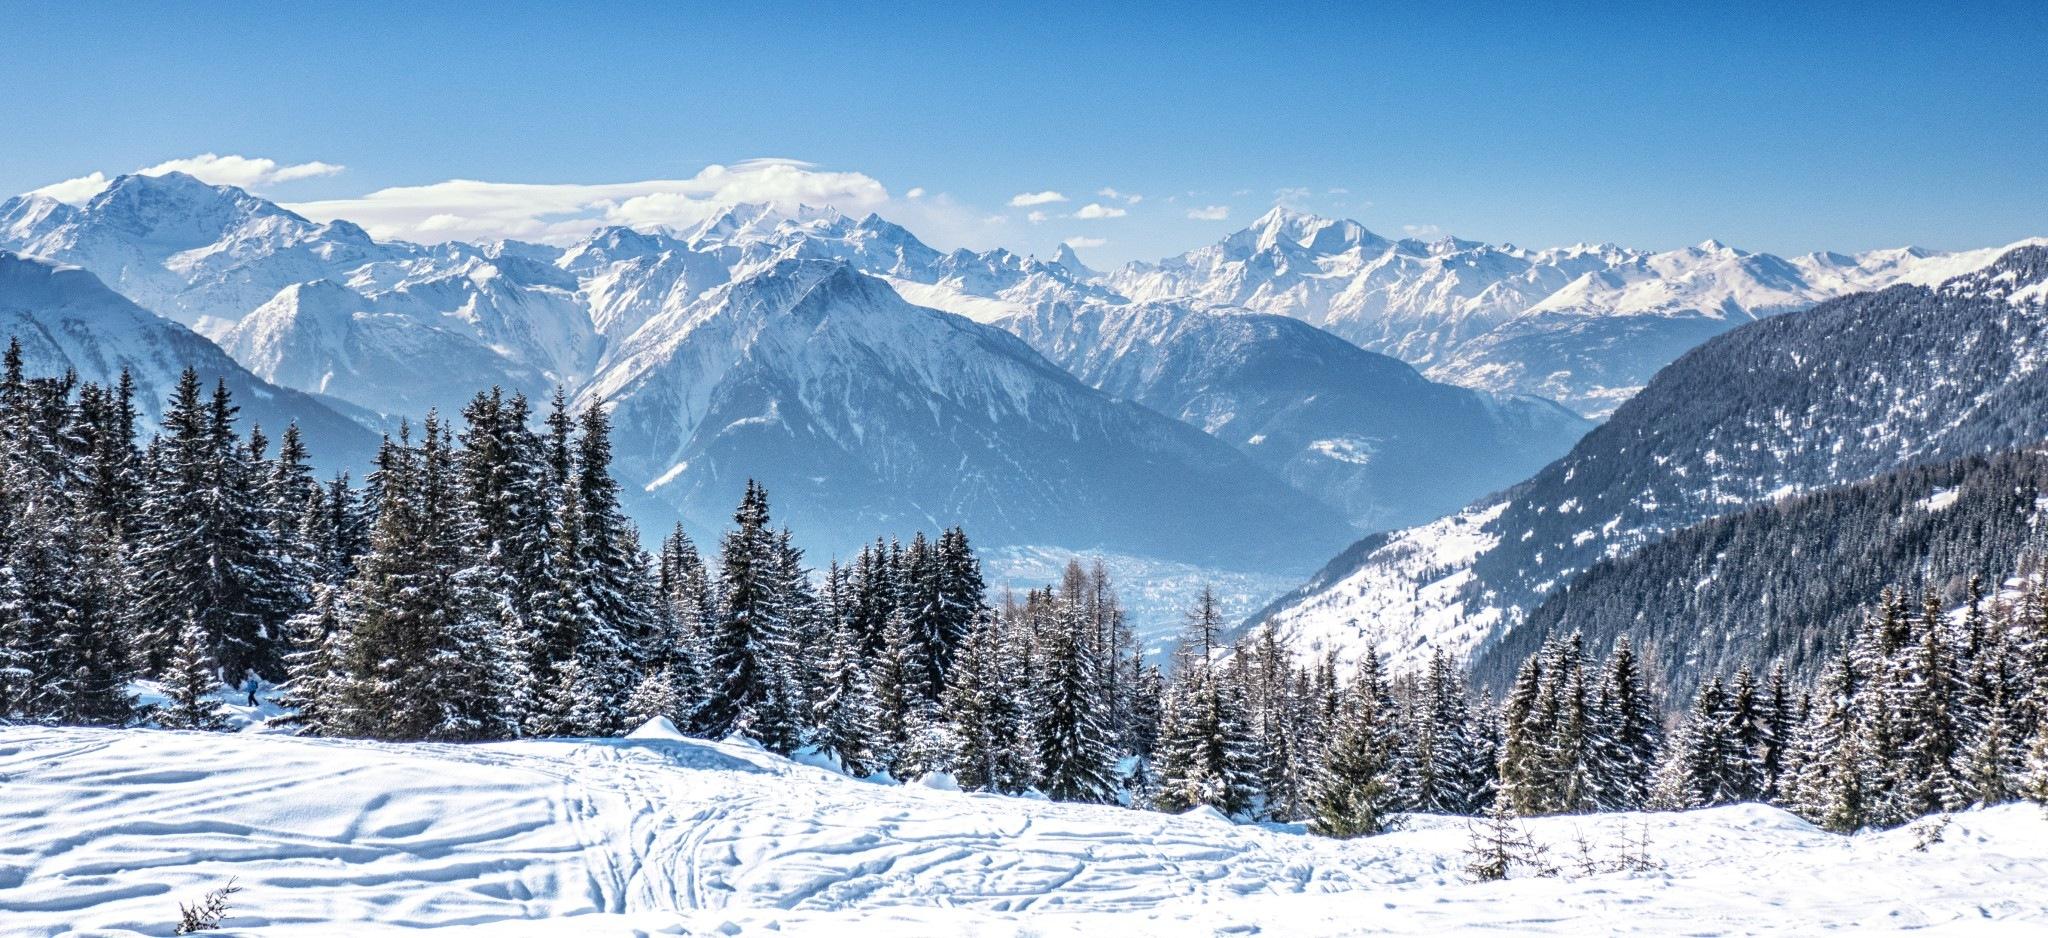 Bergpanorama Bettmeralp by Hansjuerg Buehler